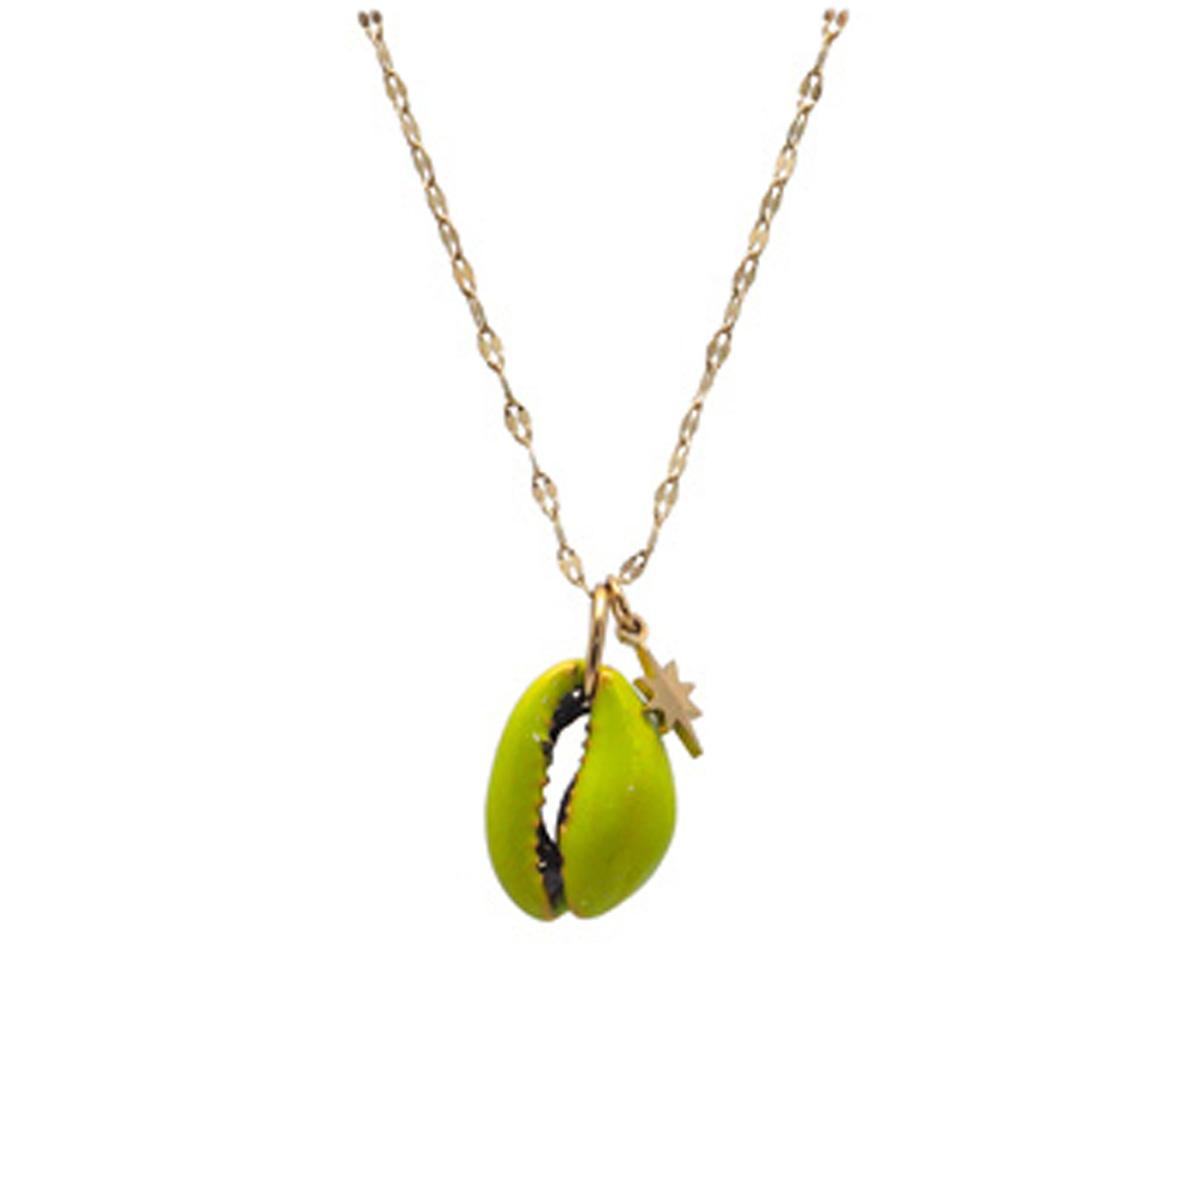 Collier créateur acier \'Cowrie\' vert doré - 20x13 mm - [Q8601]